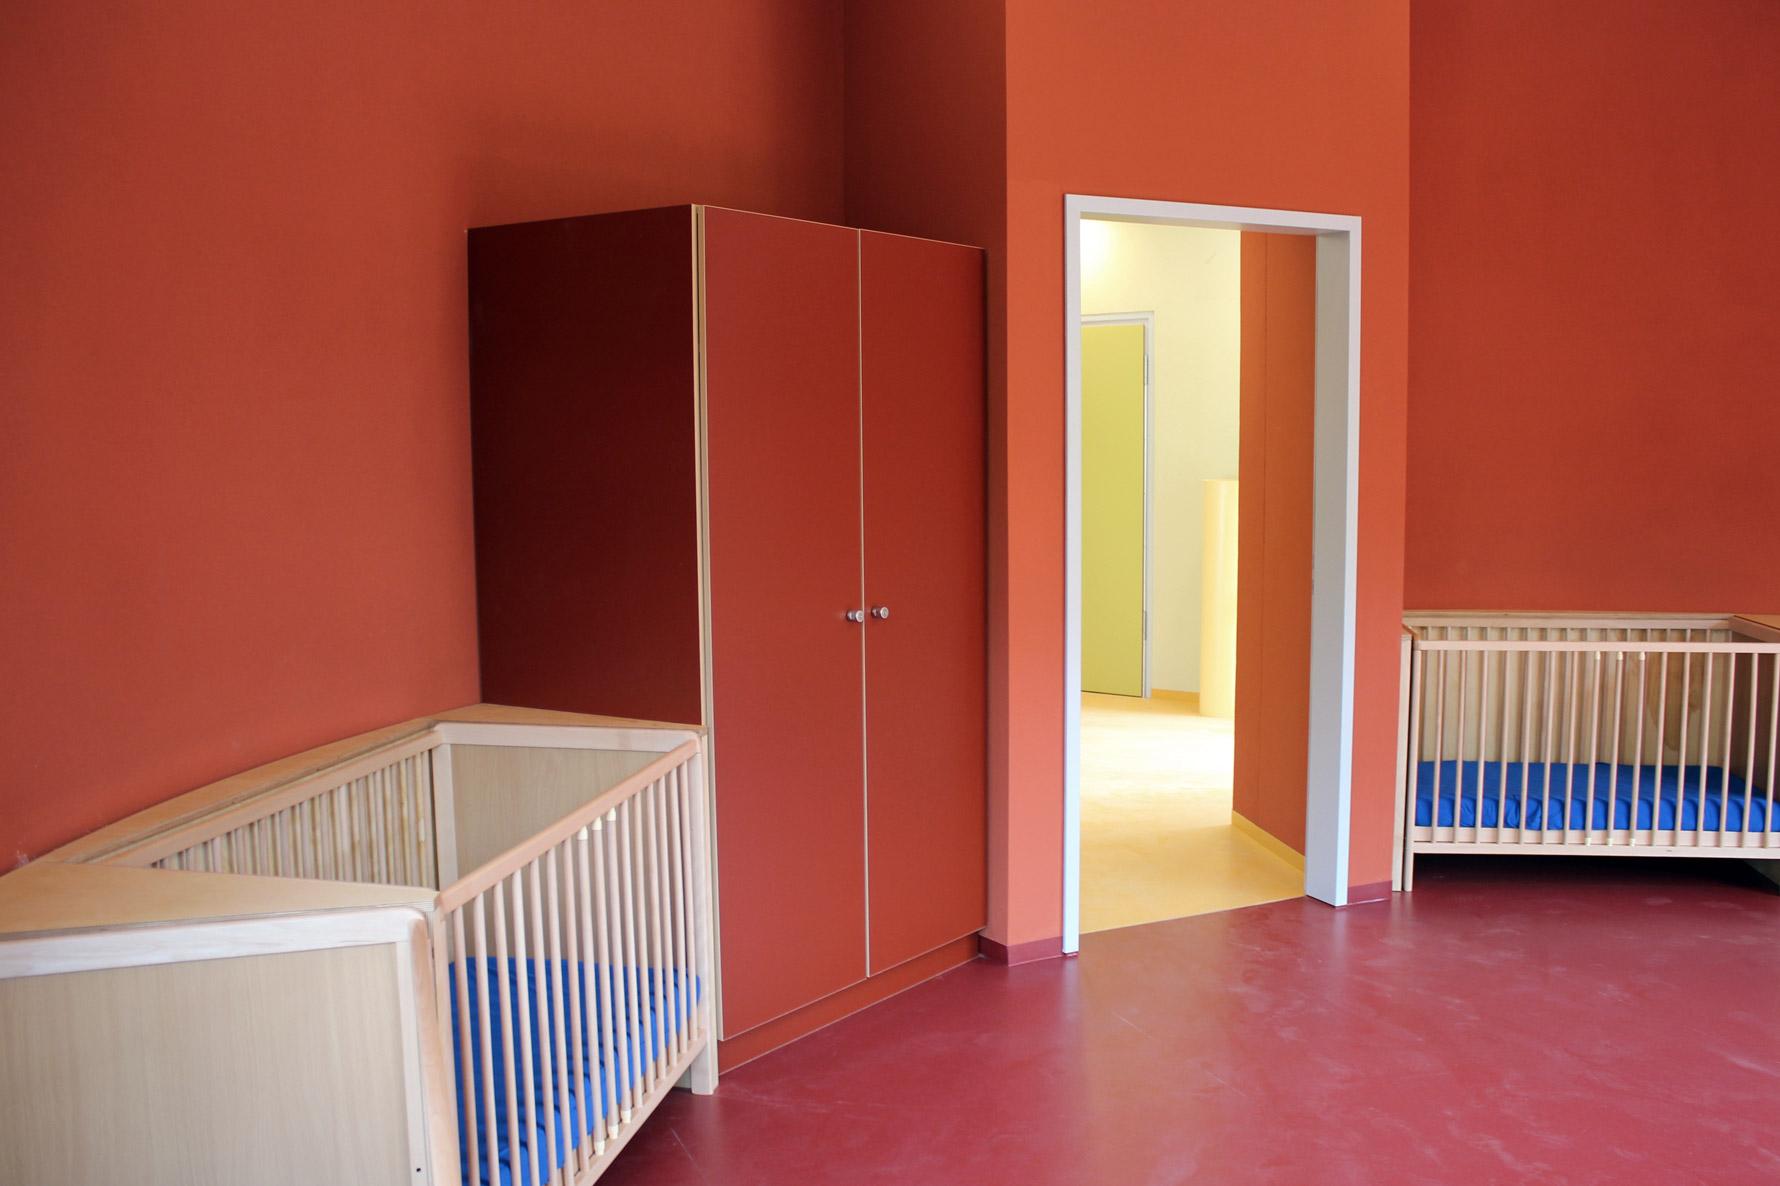 Foto Schlaf- und Aufenthaltsraum Möblierung für Kindertagesstätte in Zwickau